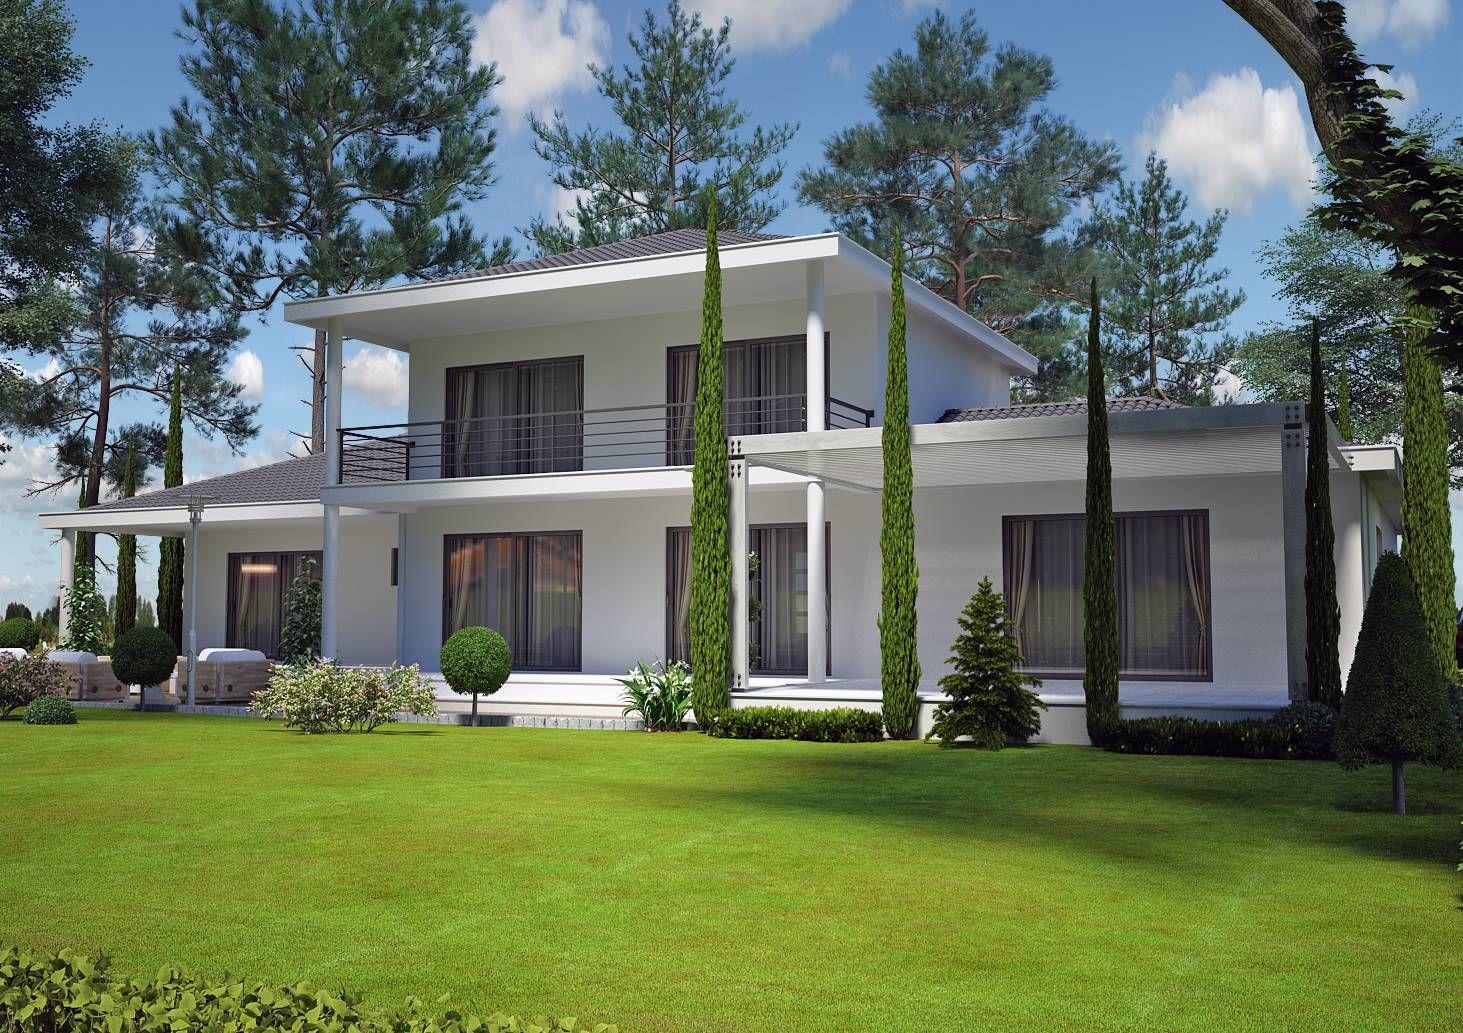 Villa contemporaine 150 m2 etage mod le pinede salon de provence 13300 bdr azur logement - Architecte salon de provence ...